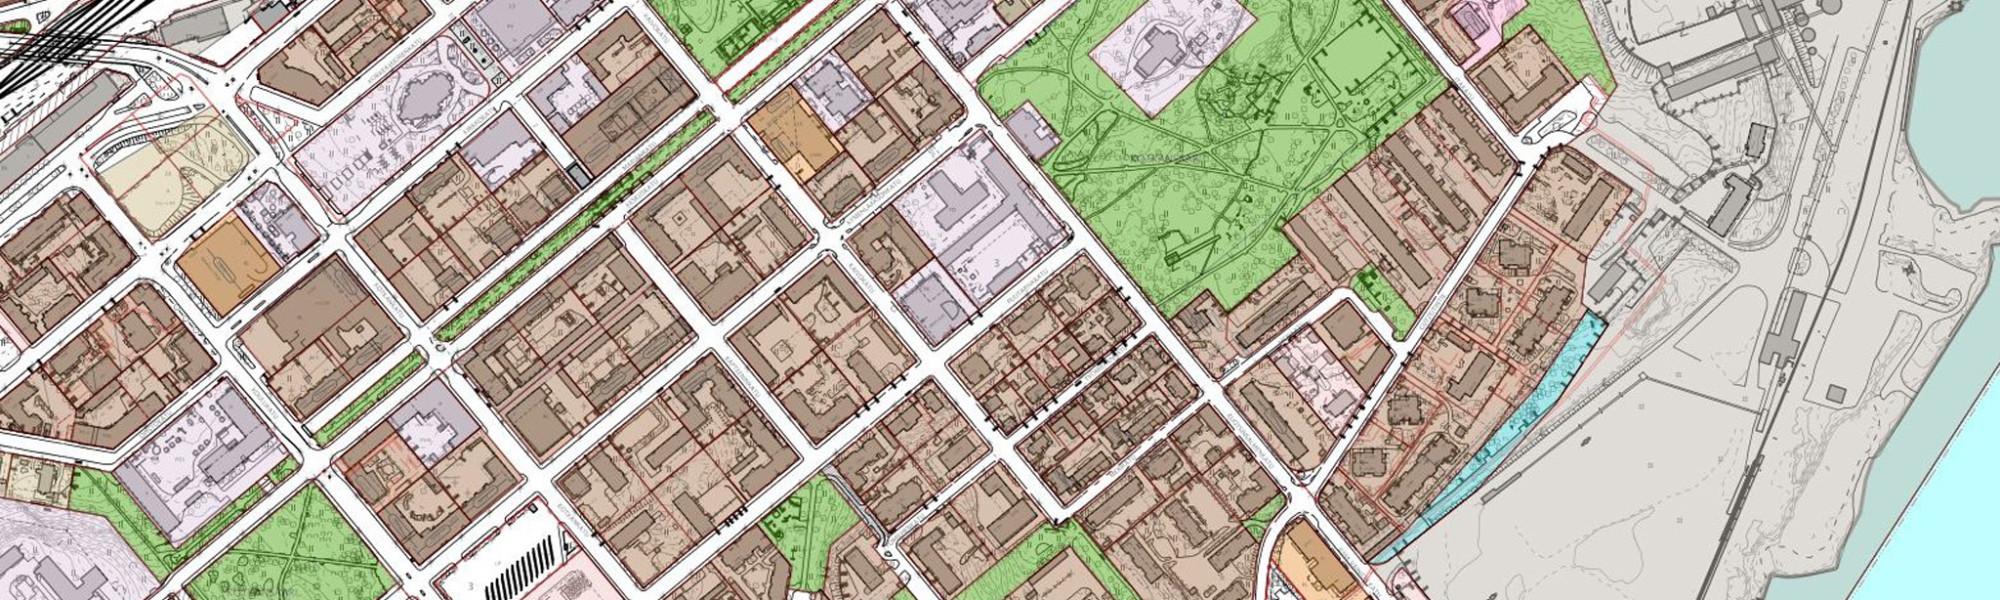 Karttaotteet Kotkan Kaupunki